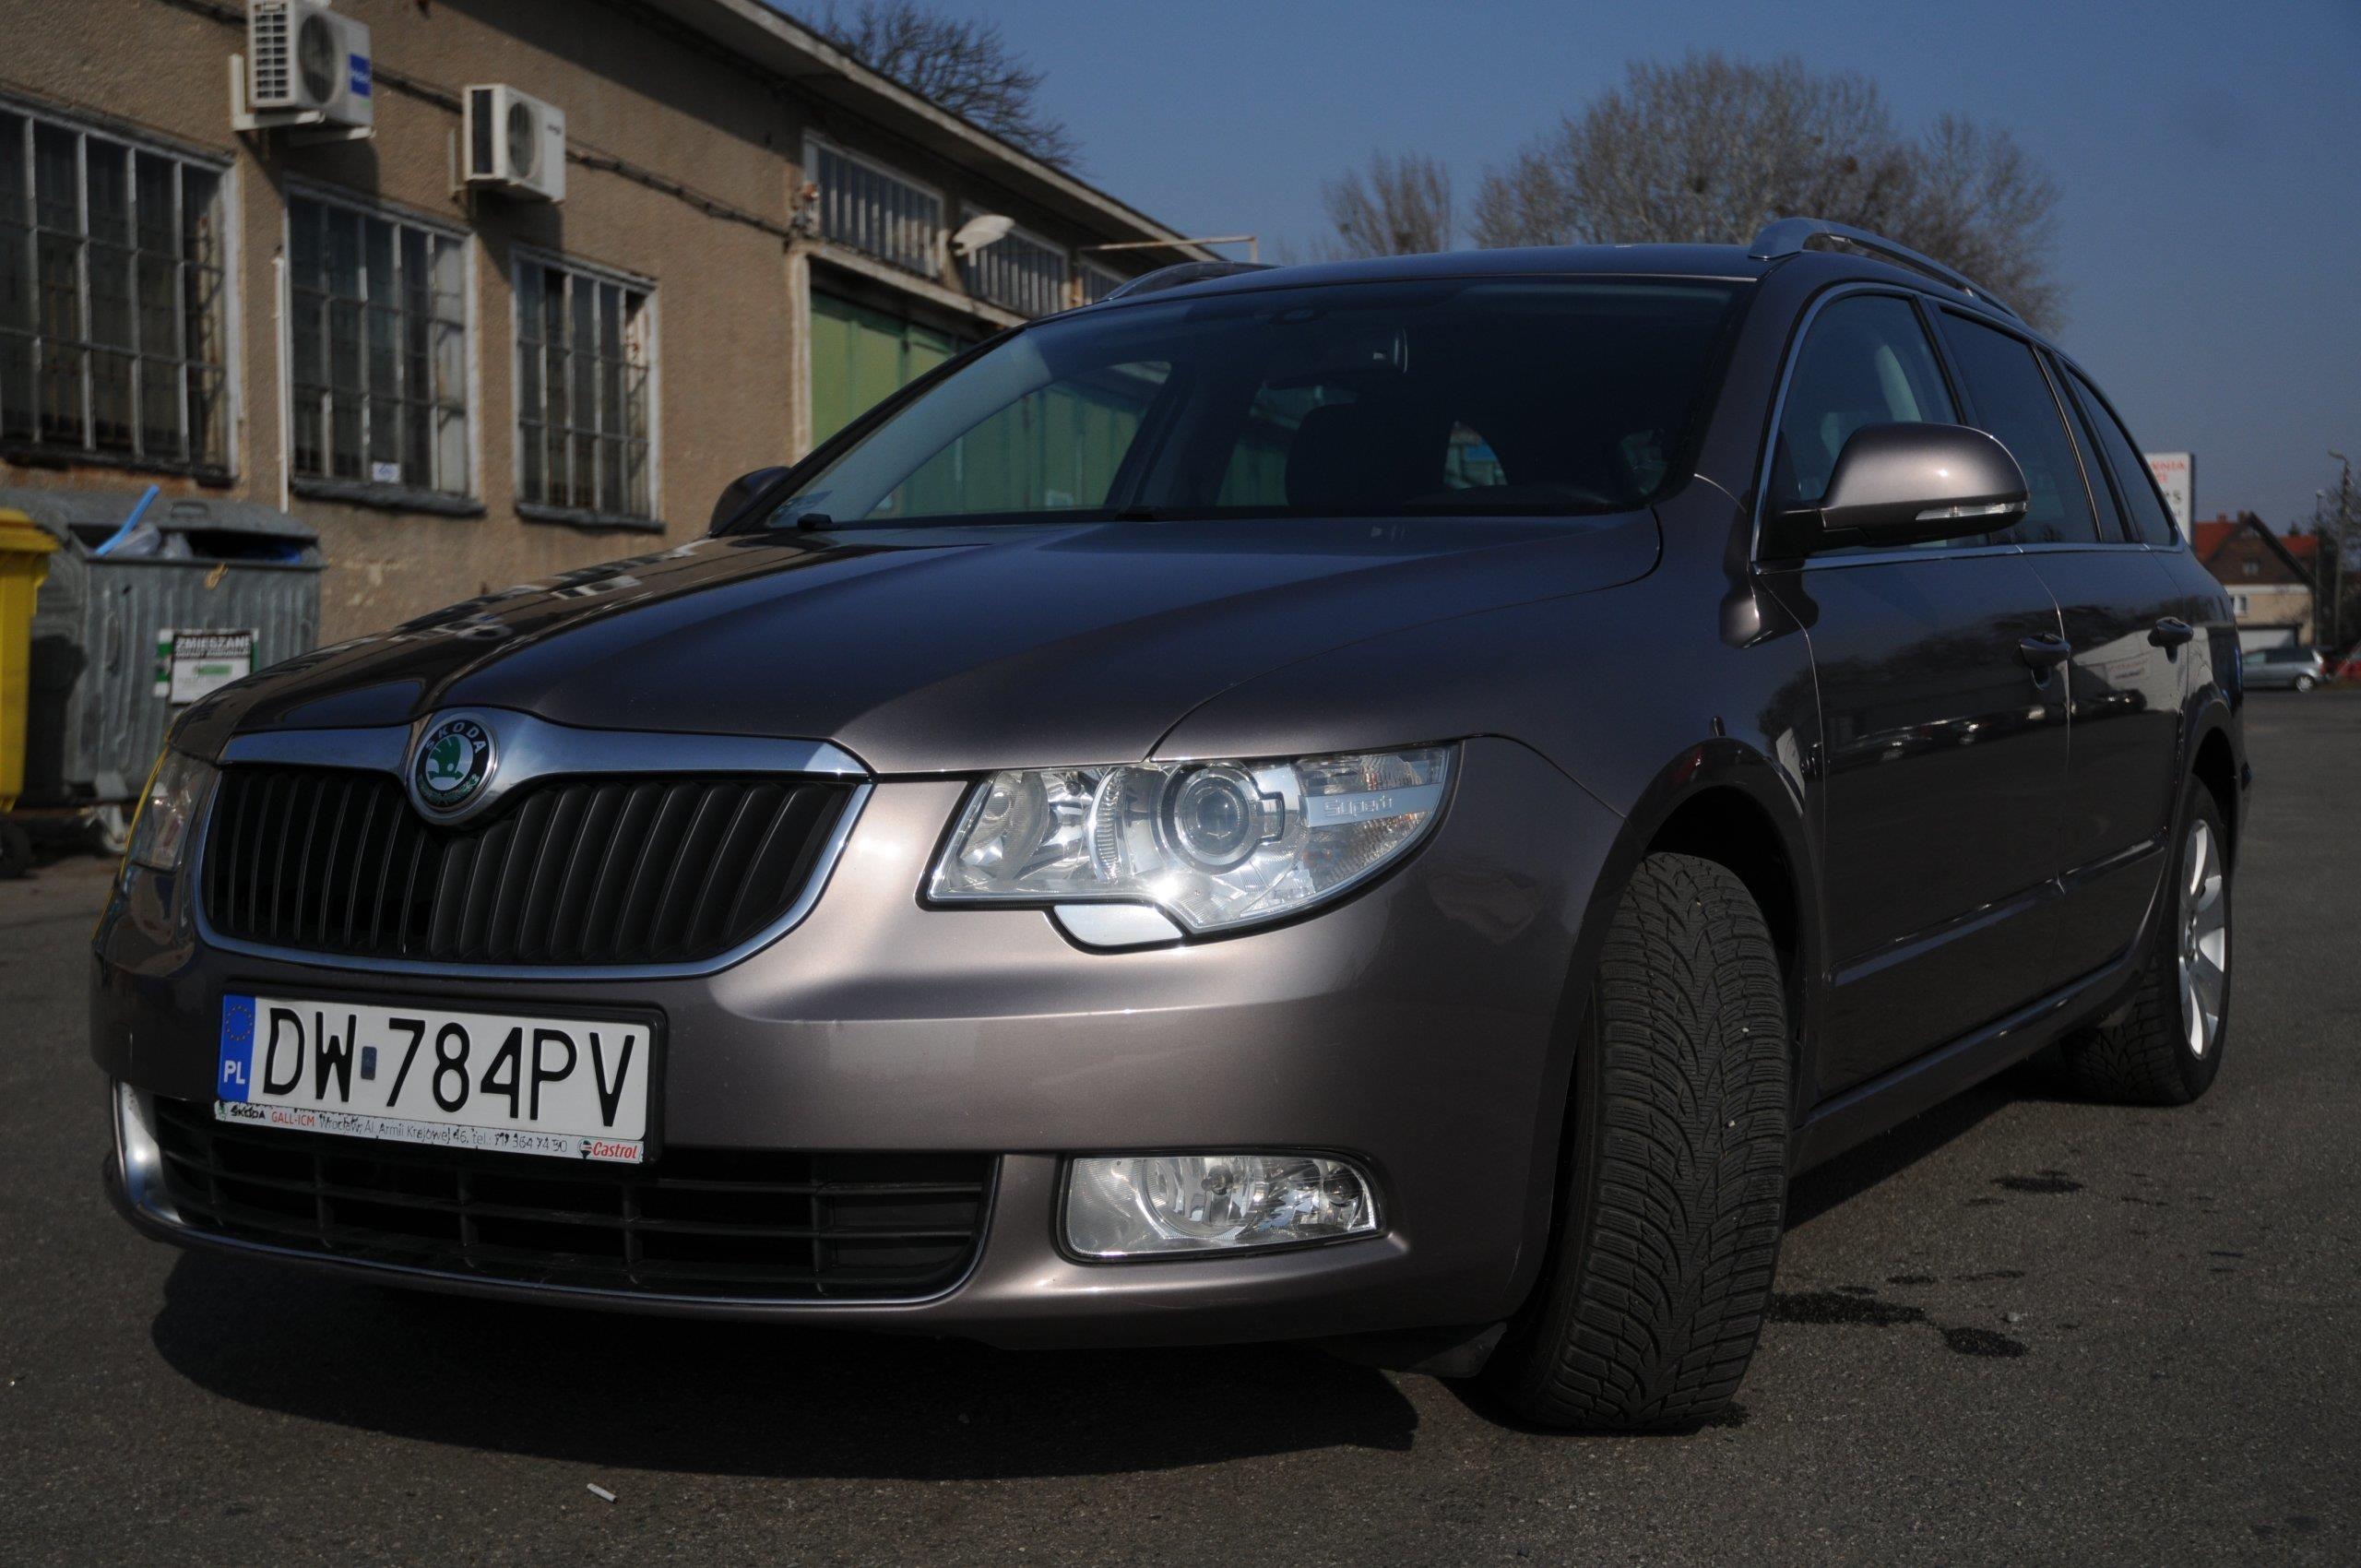 Skoda Superb Ii 2012 Benzyna 150km Kombi Fioletowy Opinie I Ceny Na Ceneo Pl